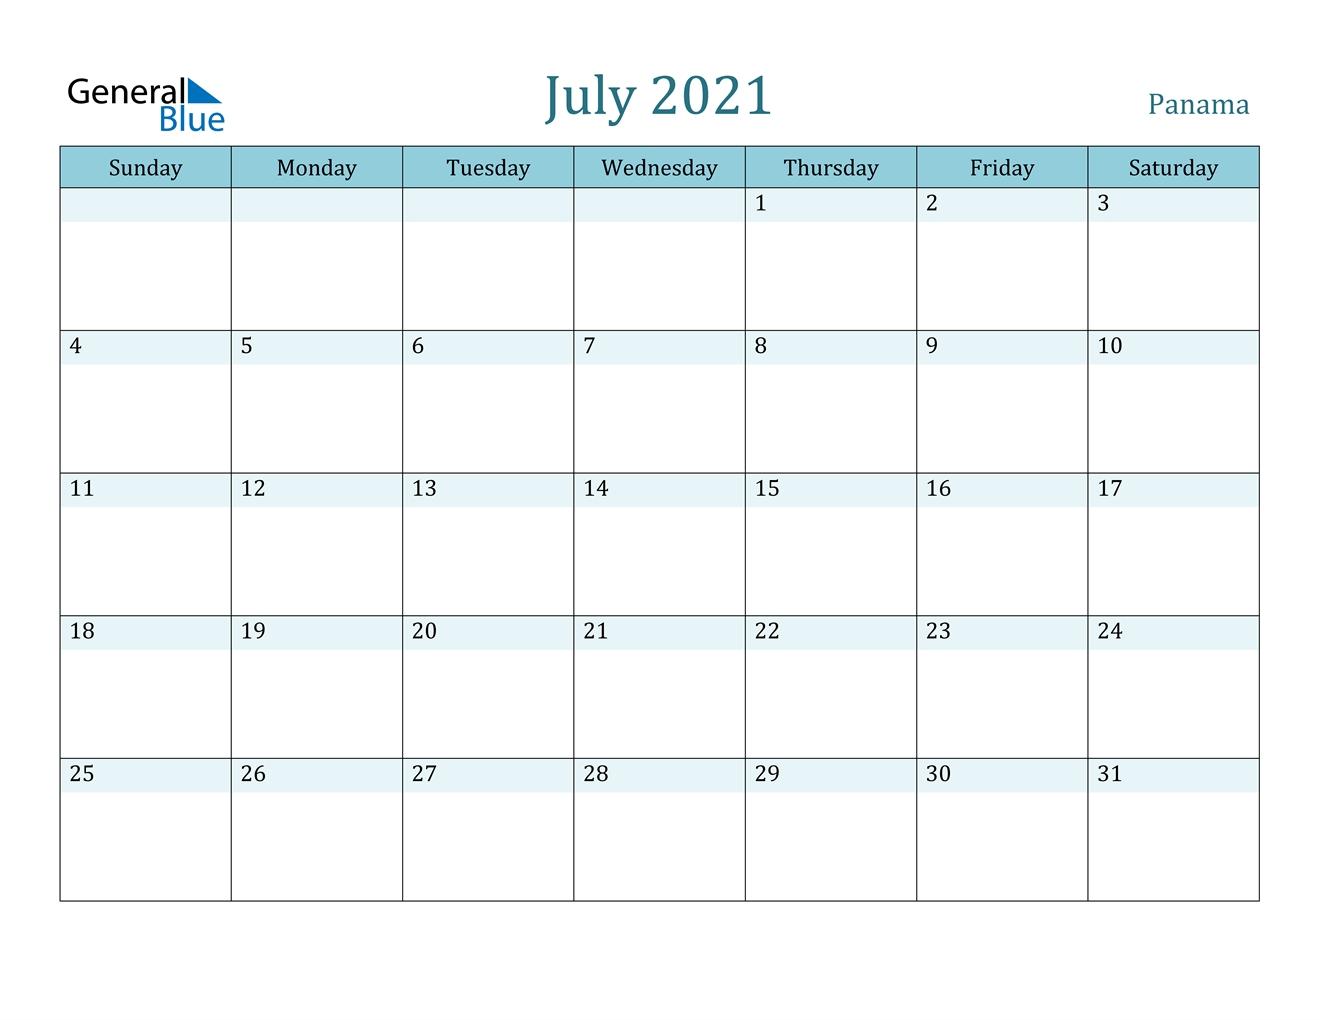 July 2021 Calendar - Panama